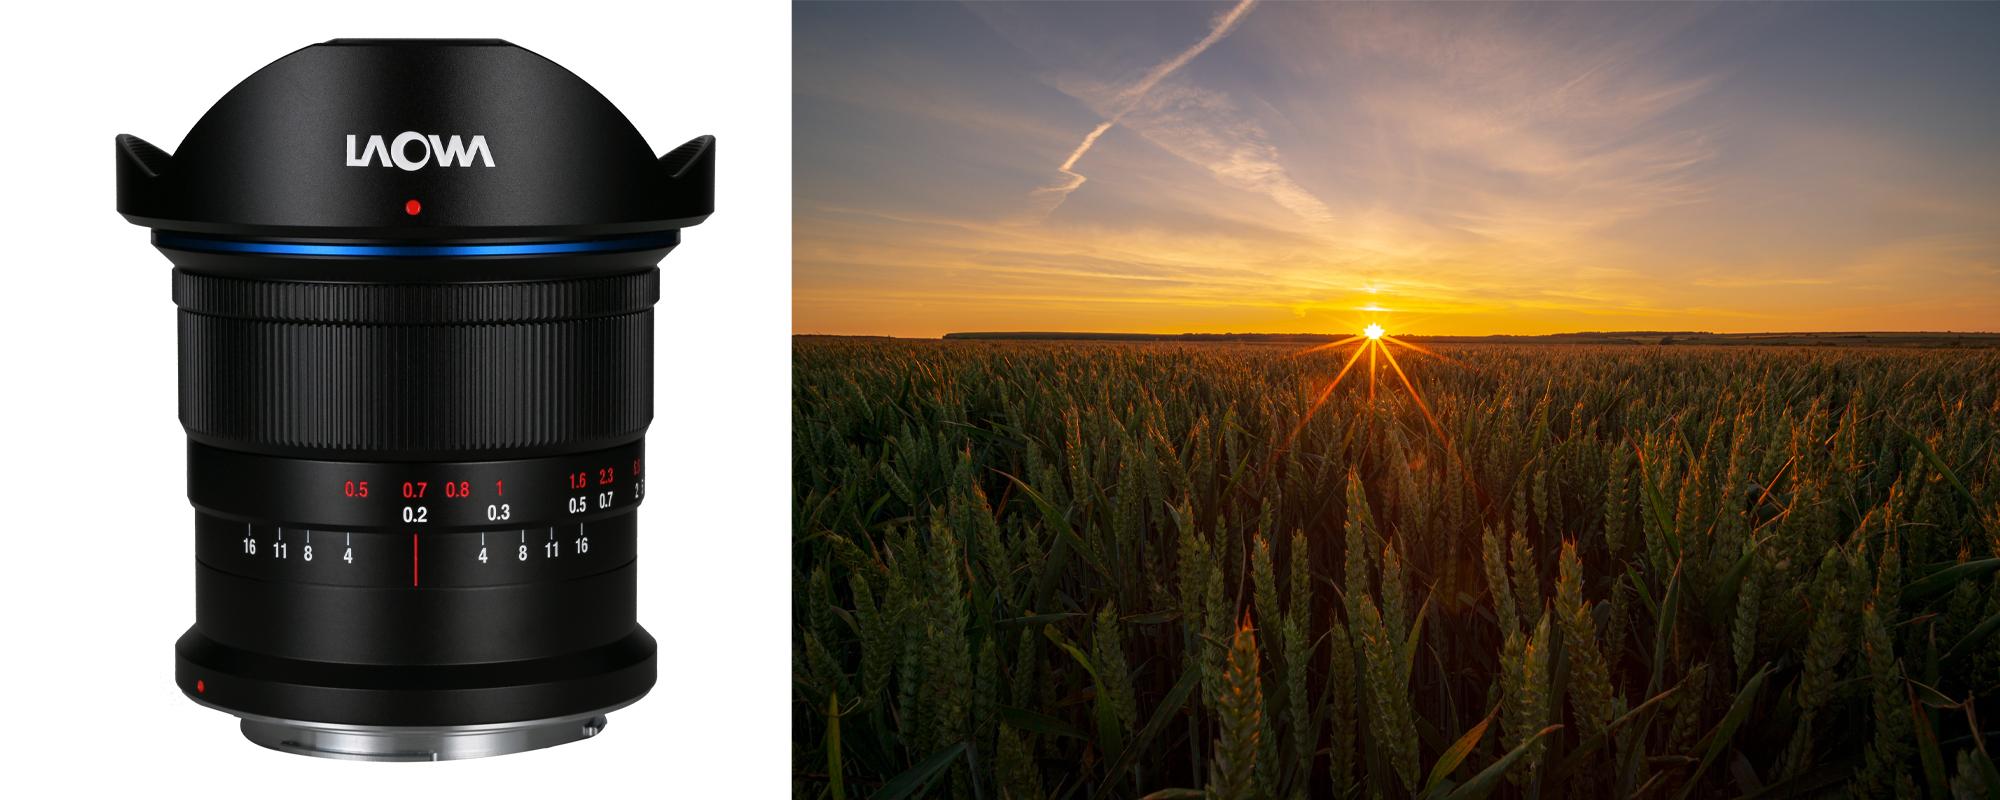 Obiektyw Venus Optics Laowa C&D-Dreamer 14 mm do Nikon F